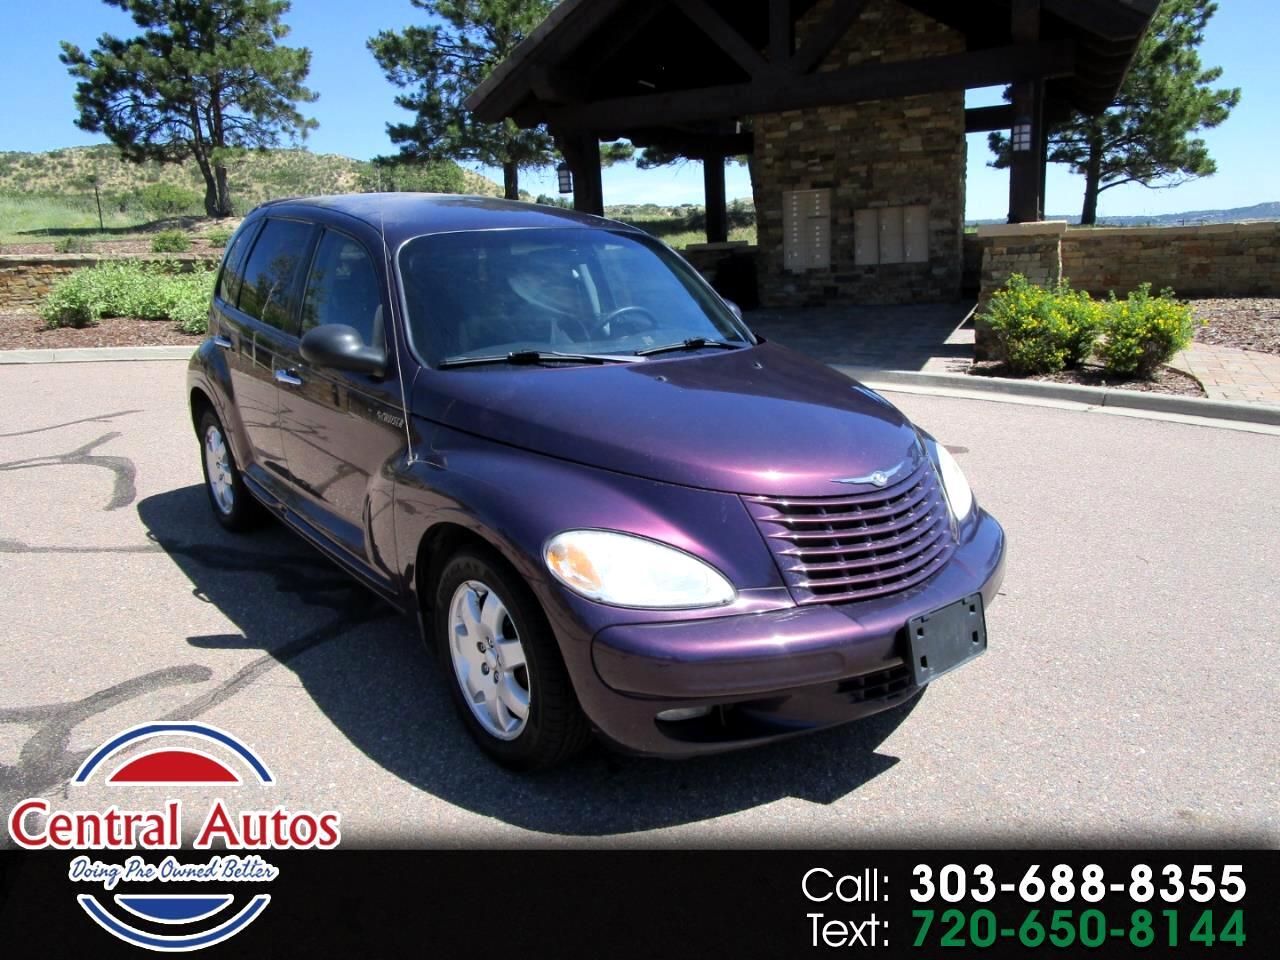 2004 Chrysler PT Cruiser 4dr Wgn Touring